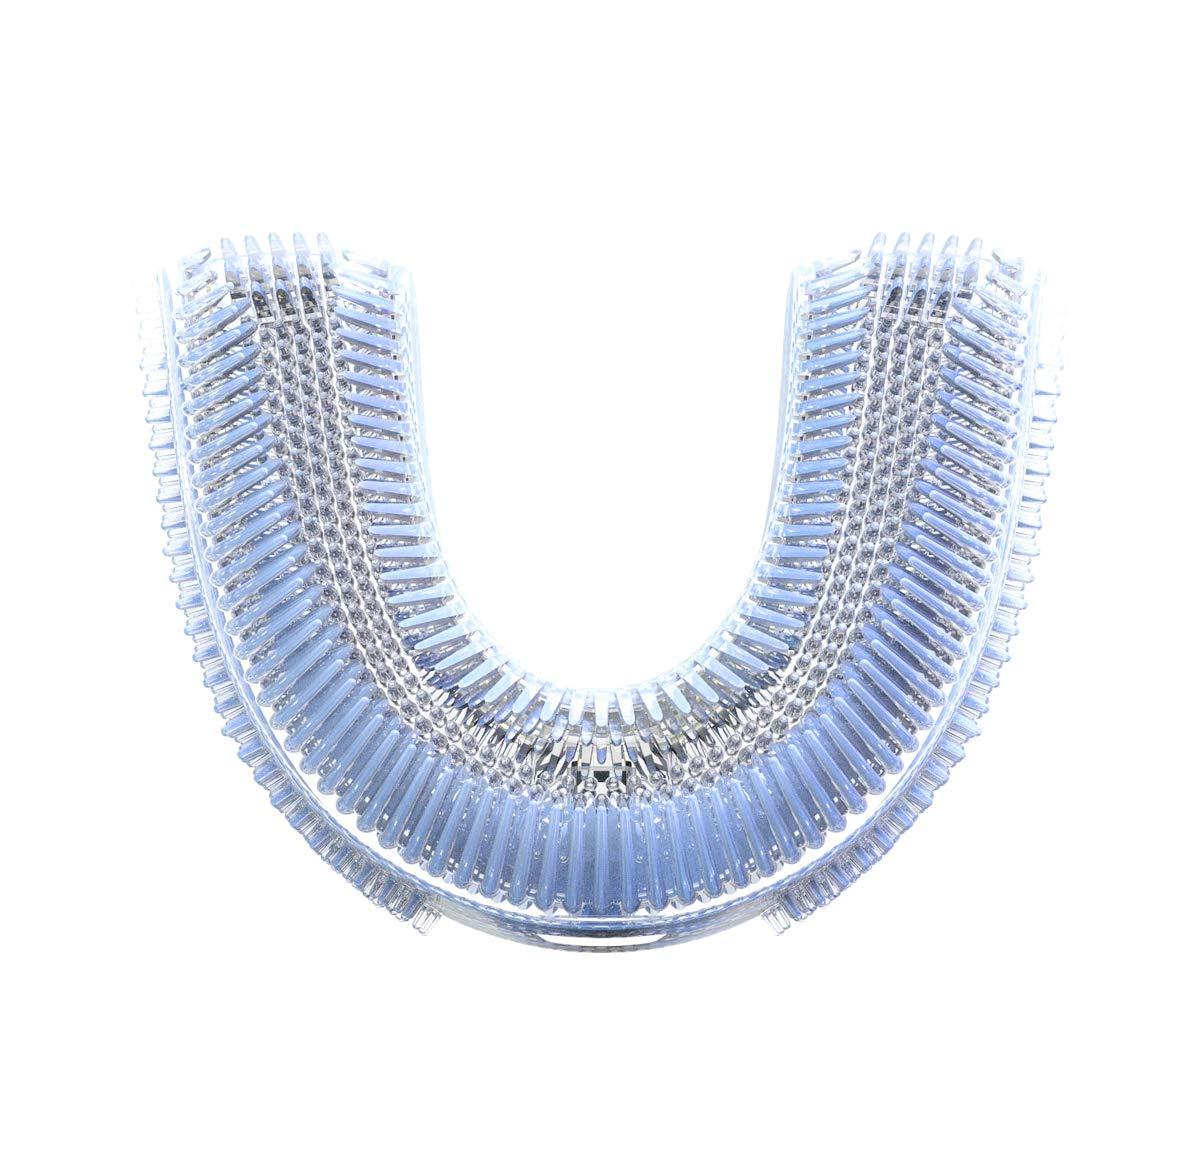 automatic toothbrush replacement brush head,Sonic Teeth Whitening brush head